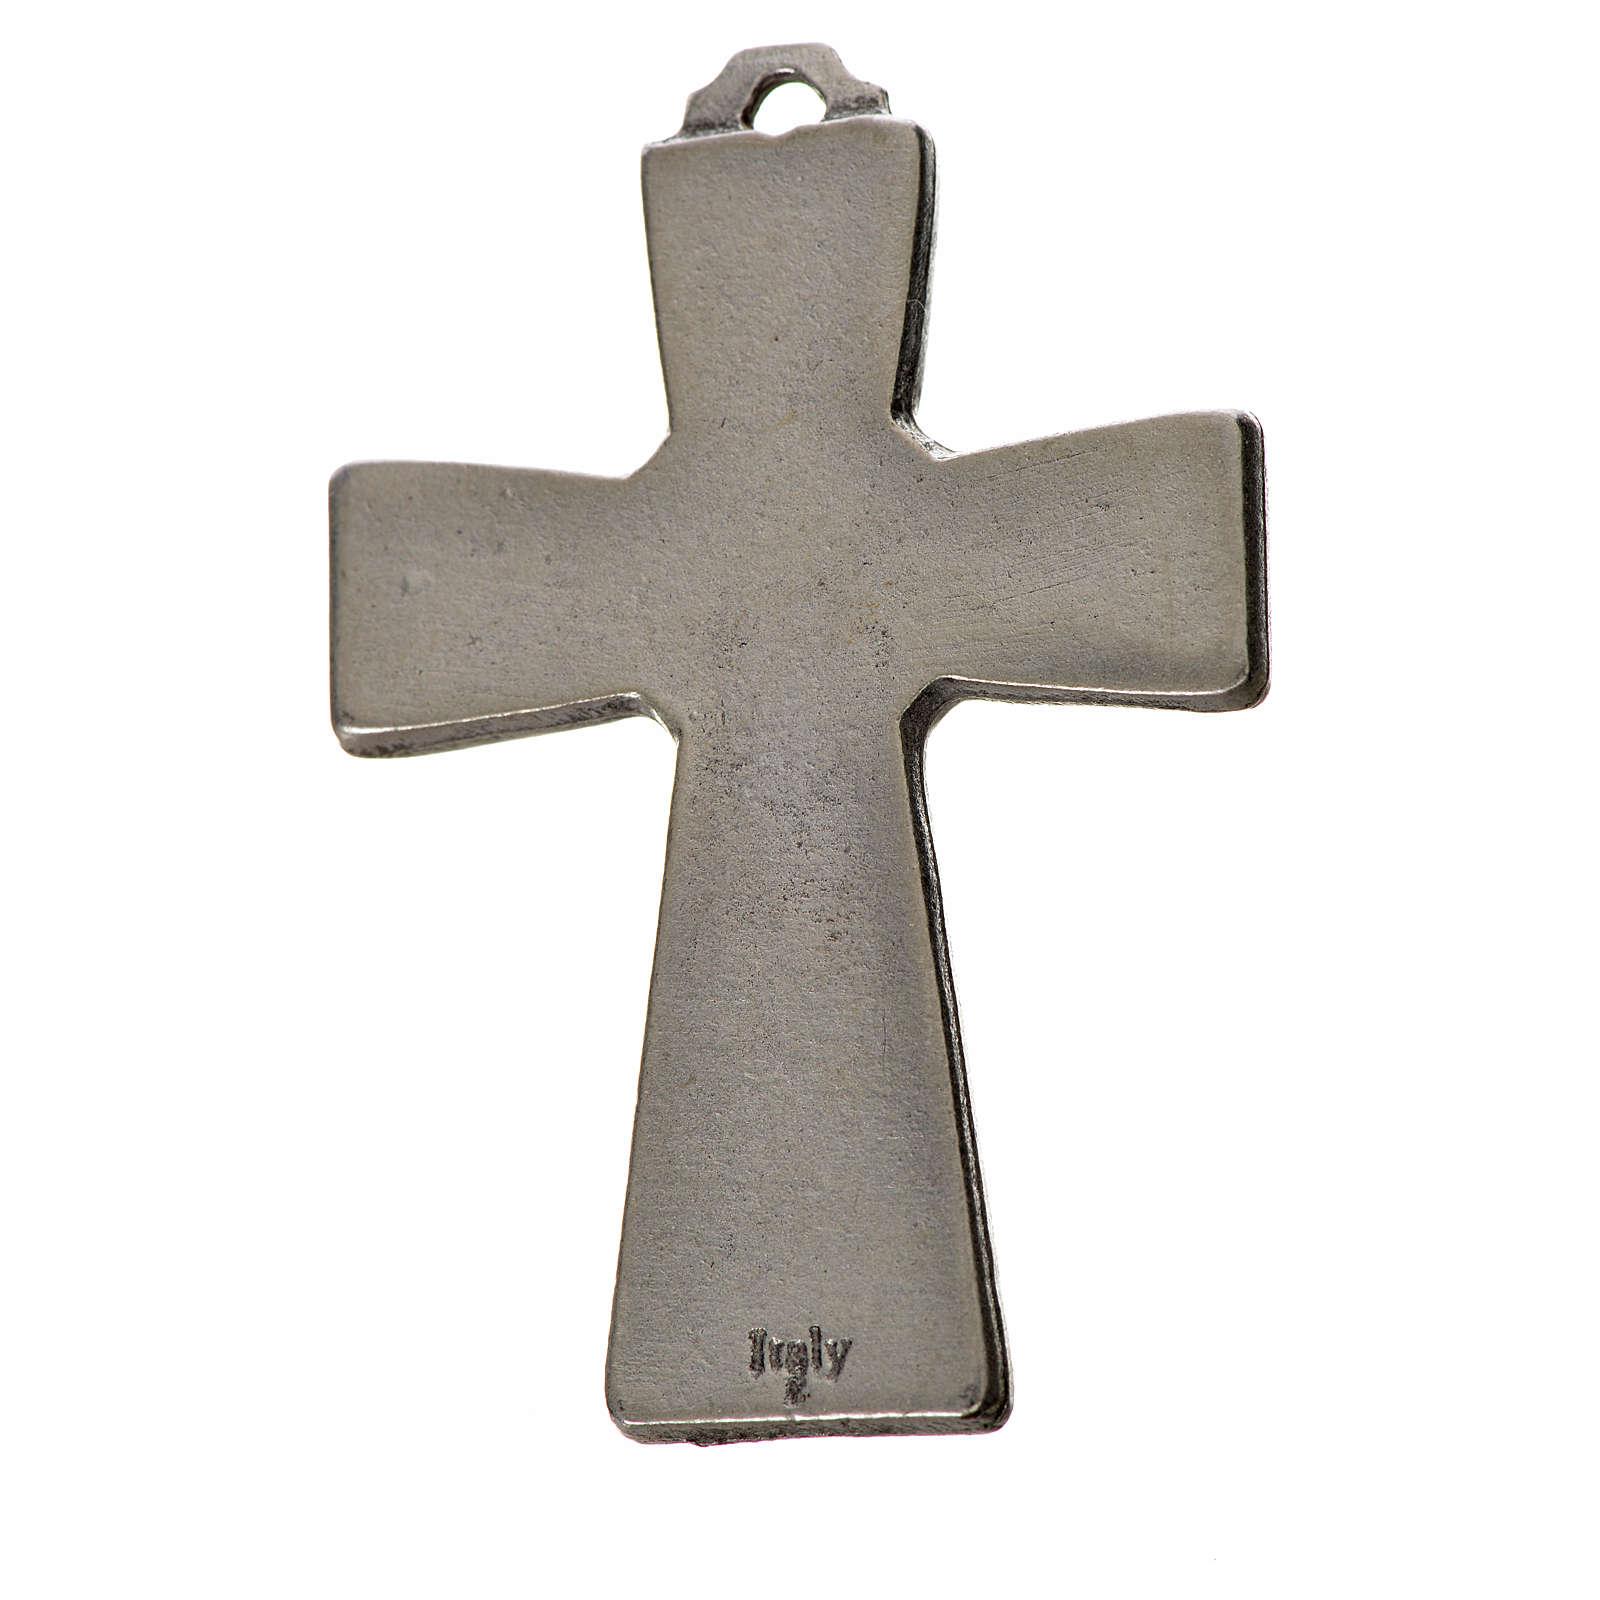 Krzyż Duch święty zama 5 X 3,5cm emalia czarna 4